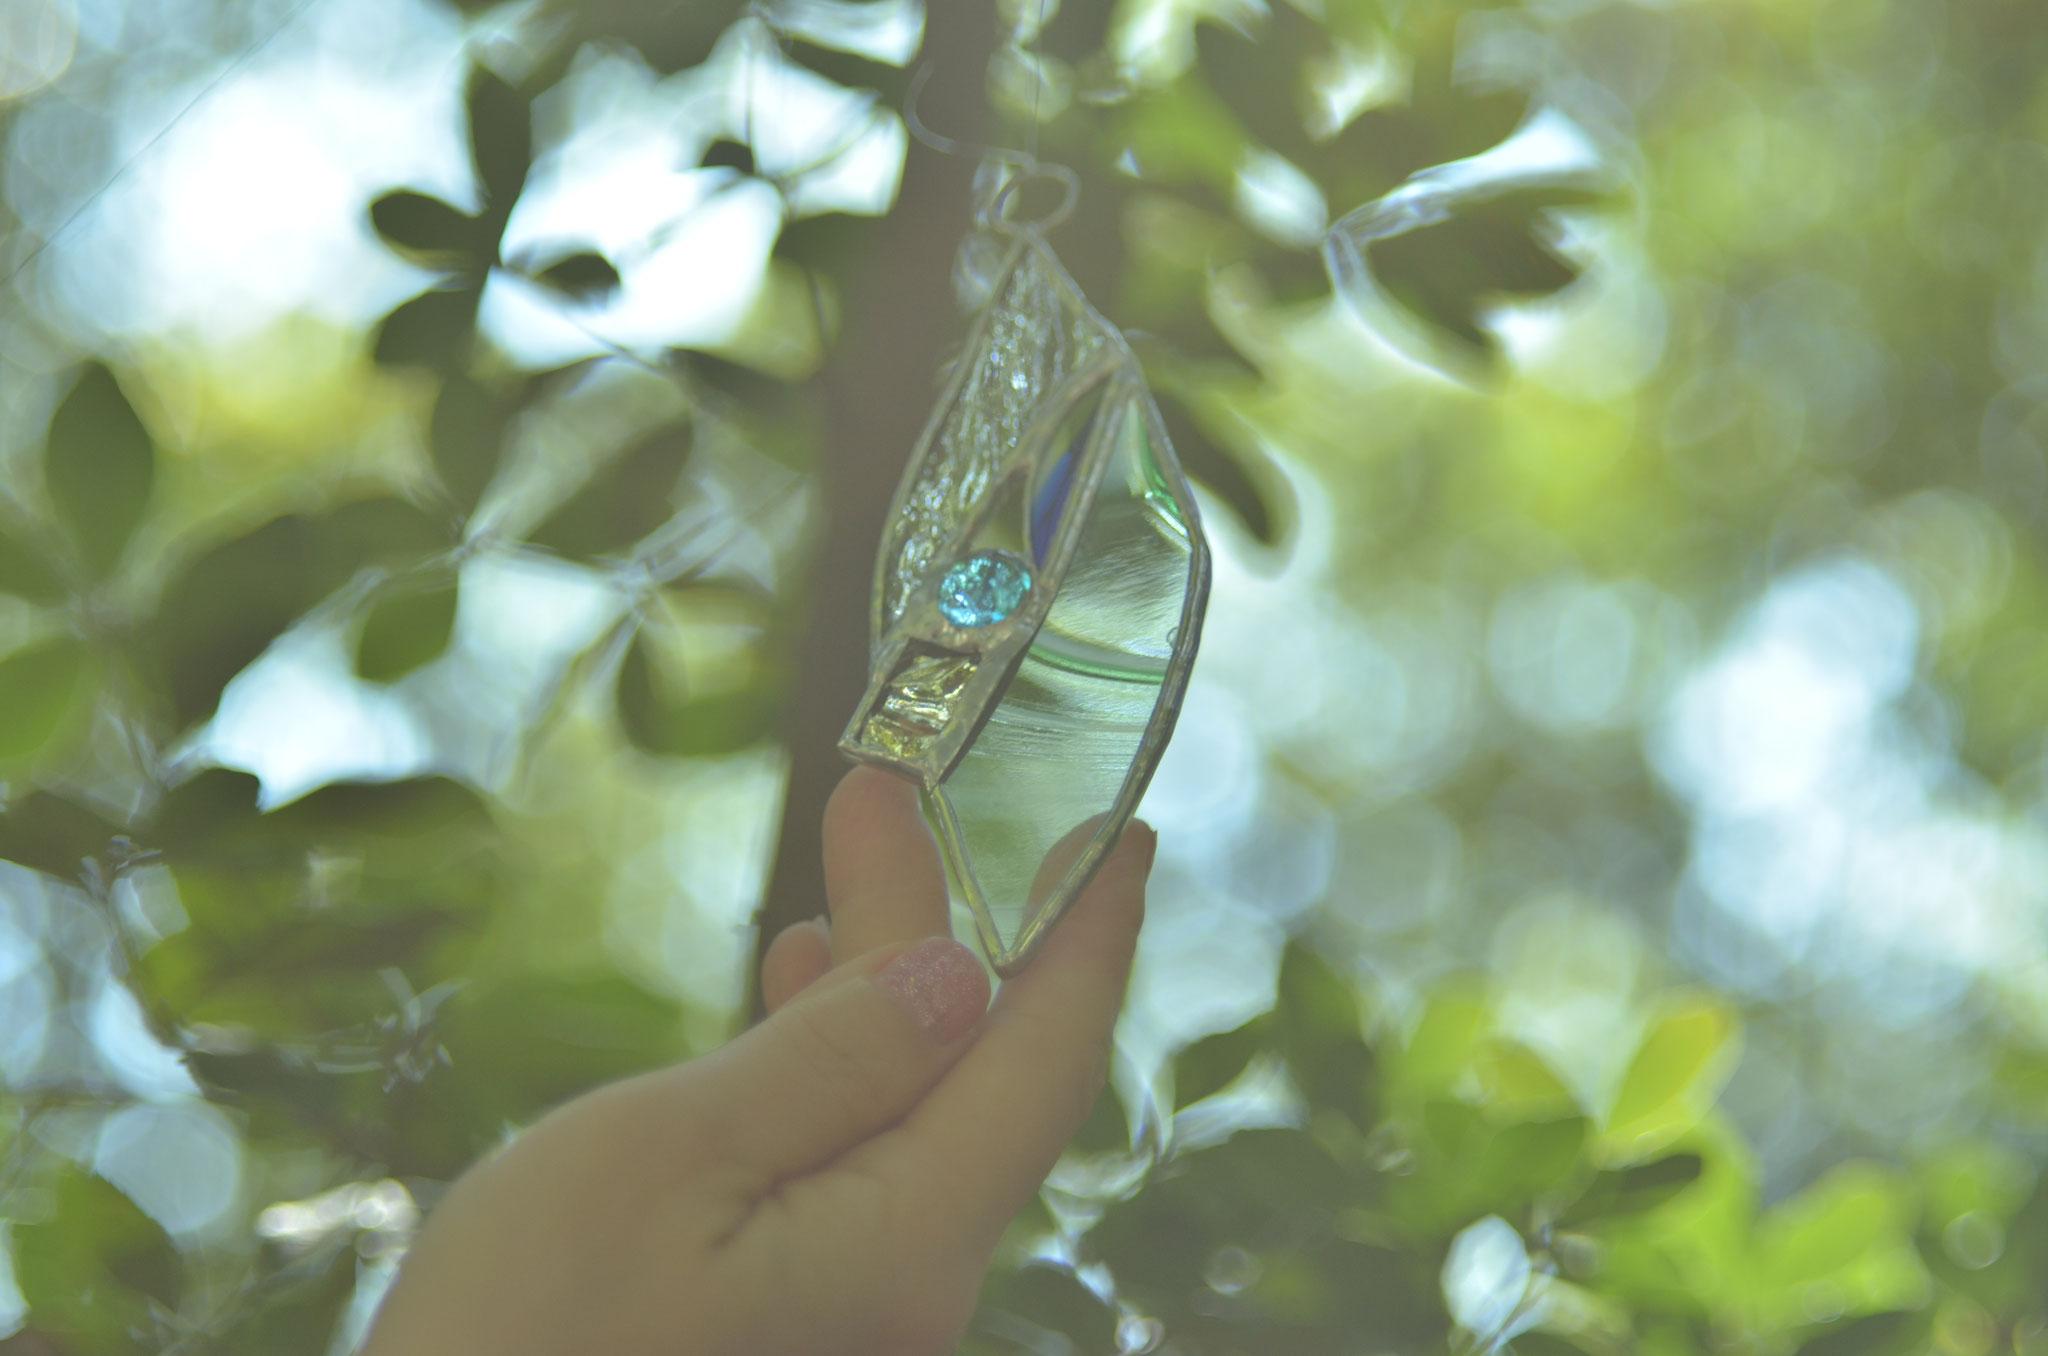 「日本の美」テーマの作品映像をクリックしてご覧いただけます。